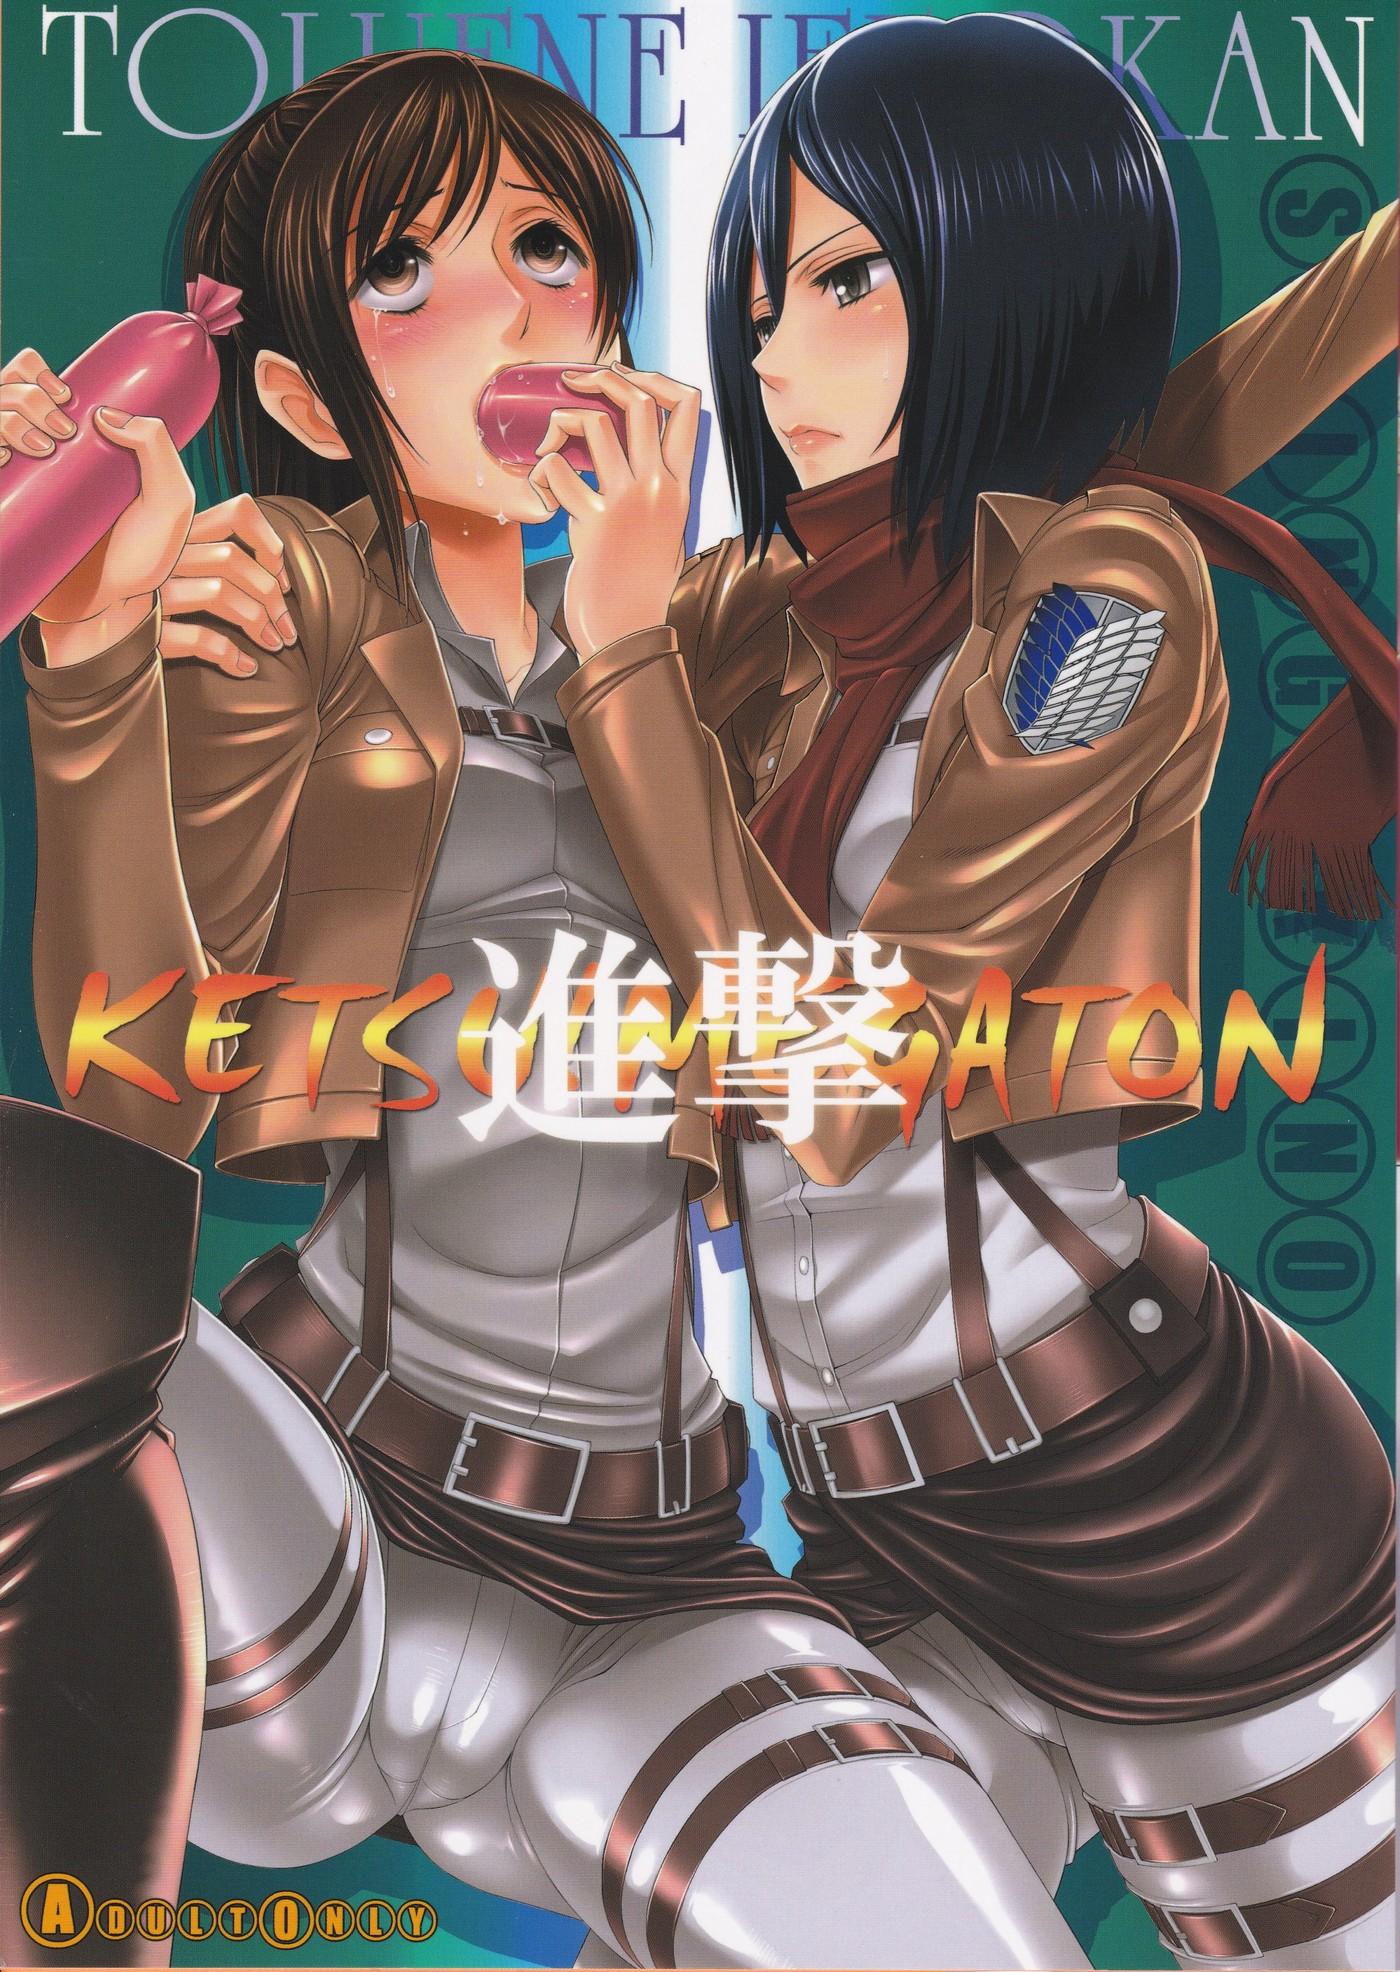 Ketsu Megaton Shingeki 01